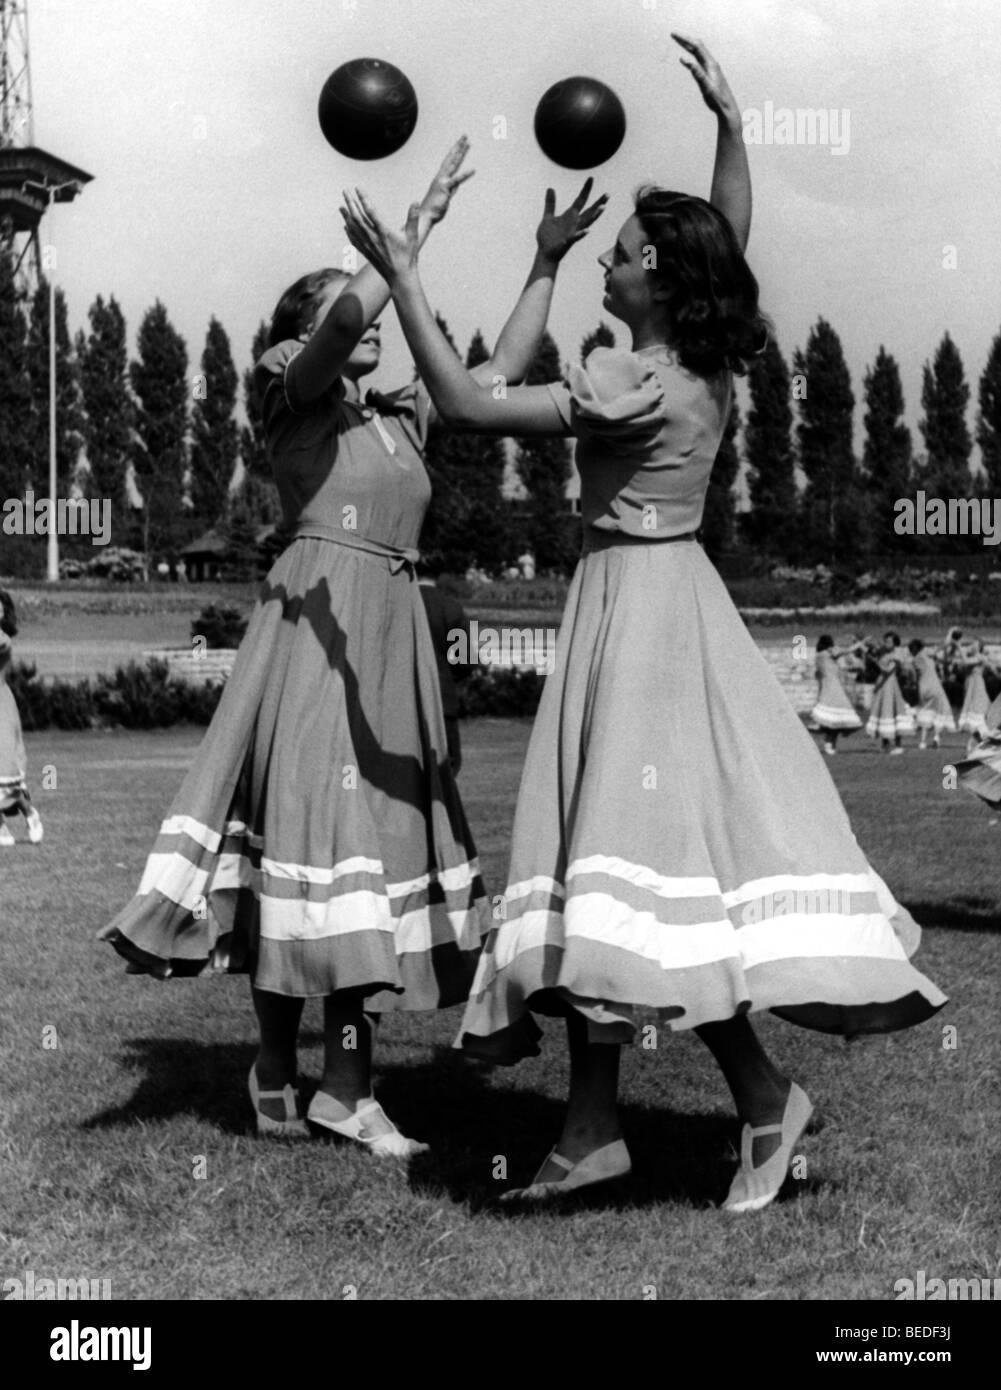 Historisches Foto, zwei Frauen spielen ball, um 1940 Stockbild